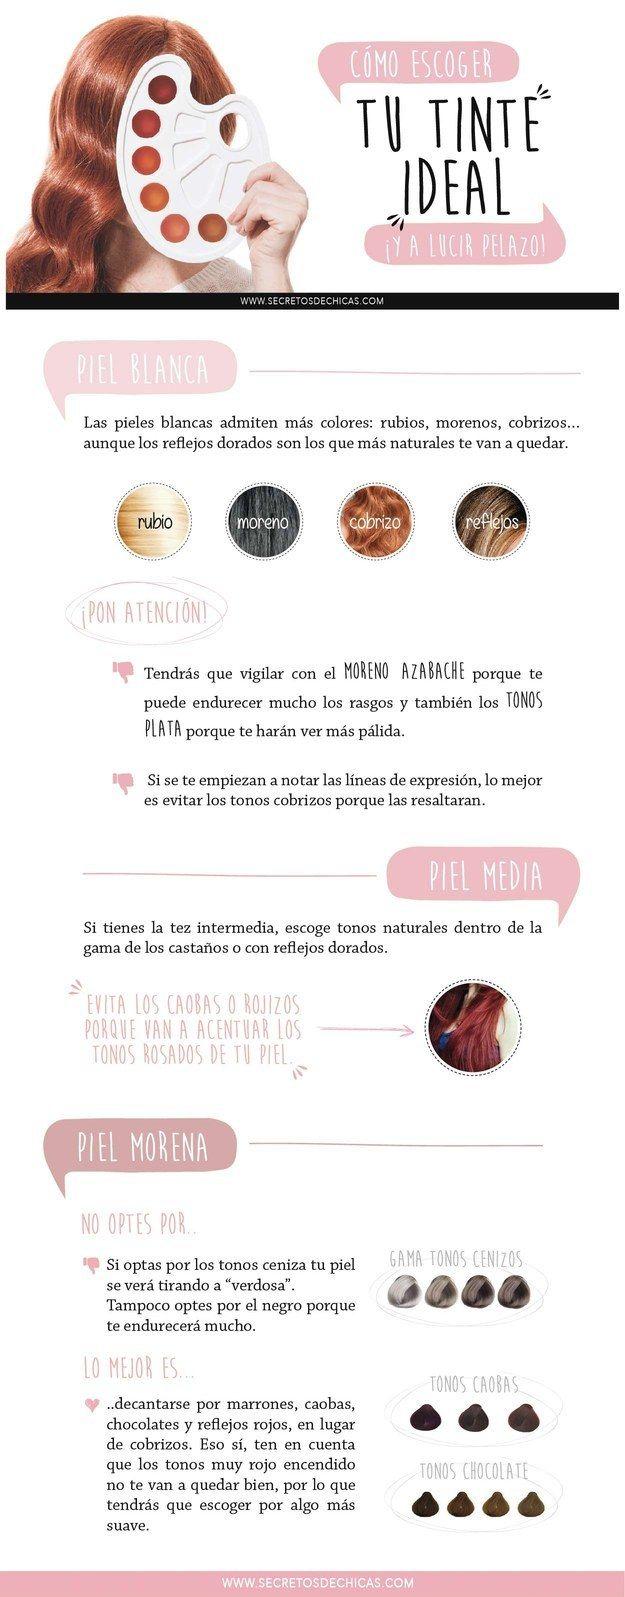 Y aquí hay una guía para encontrar tu tinte ideal. | 21 Guías visuales que harán que tu cabello se vea sensacional todos los días